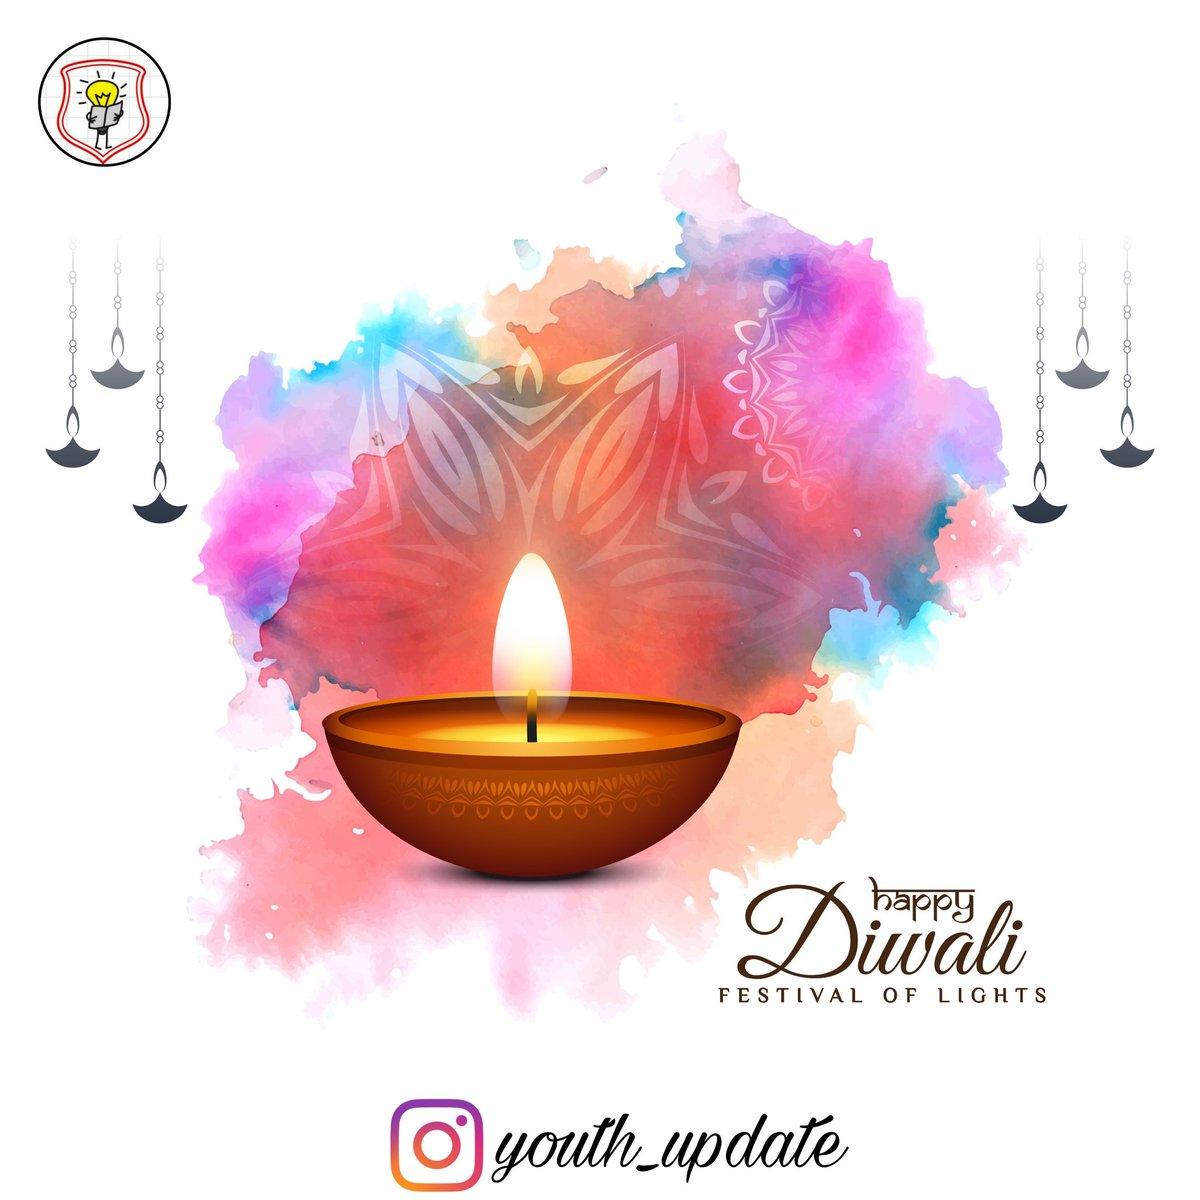 आपको और आपके  परिवार को दीपावली की हार्दिक शुभकामनाएं।                 भगवान श्रीगणेश आपके सभी कार्यों को शुभ करें और माता लक्ष्मी आप पर अपनी विशेष कृपा बनाए रखें।    हार्दिक शुभकामनाएं 🙏🏻🙏🏻 #HappyDiwali #ह